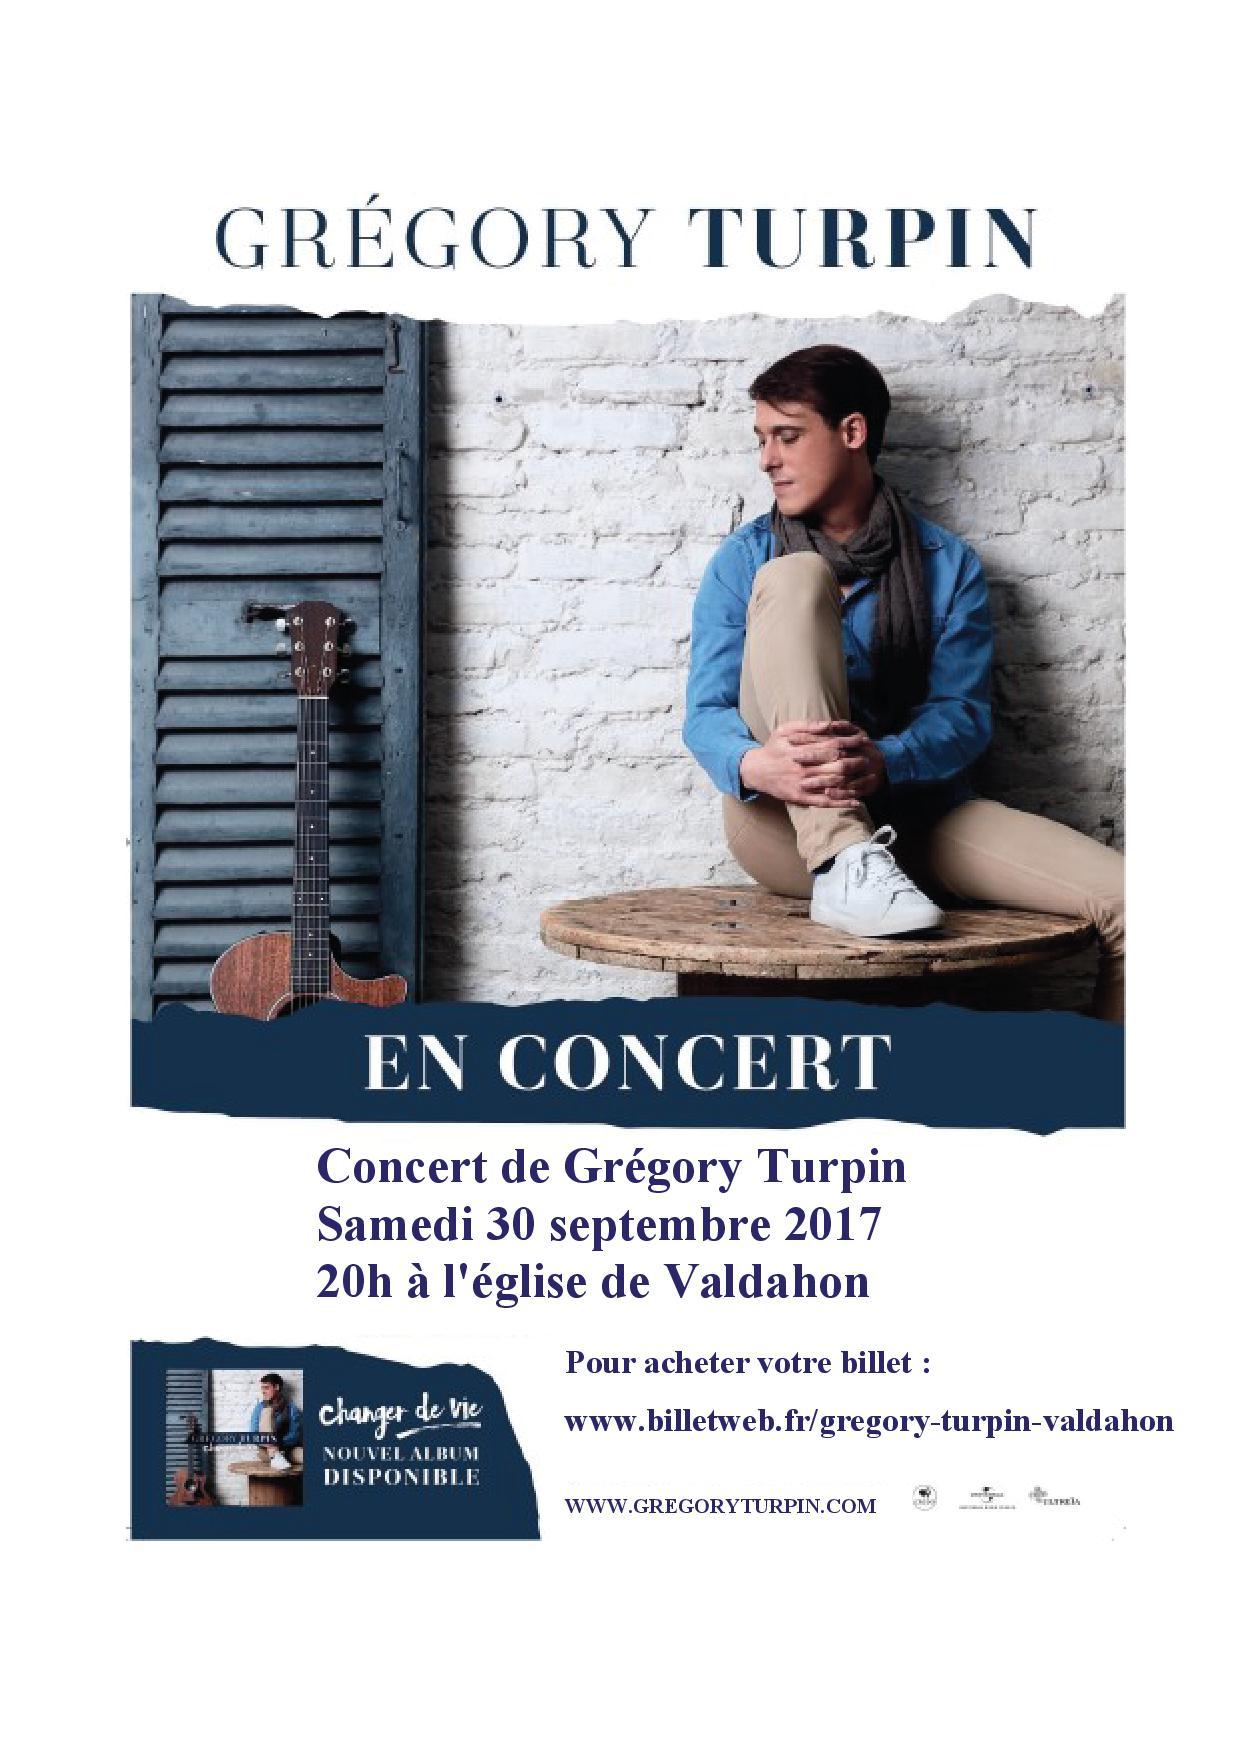 Concert de Grégory Turpin à l'église de Valdahon